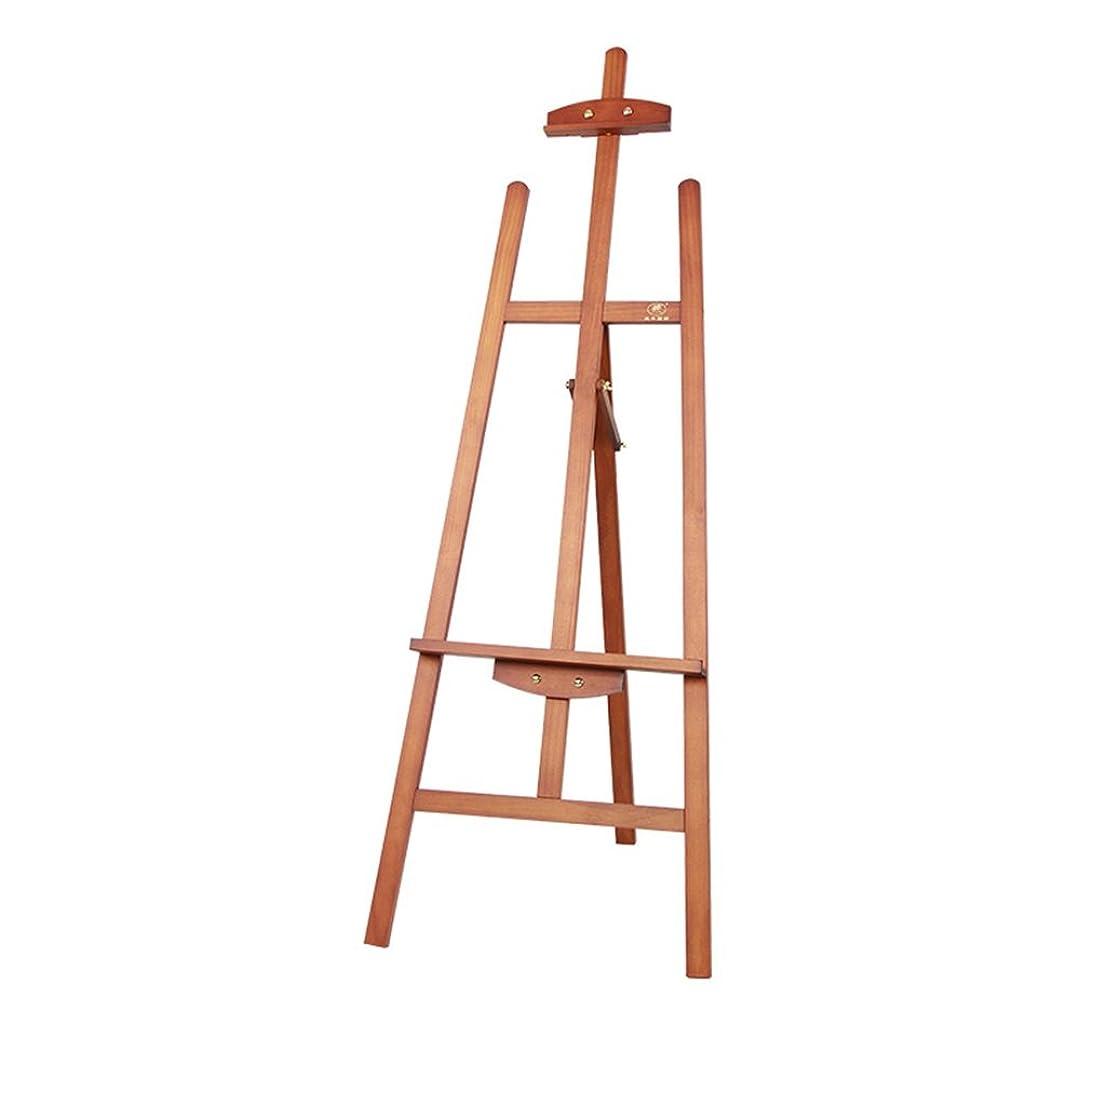 軽減する提案する牧草地WJ イーゼル- プロフェッショナルイーゼル木ステントスタイルのアダルトイーゼルスケッチスケッチ4Kイーゼル1.45メートル /-/ (Color : Brown)